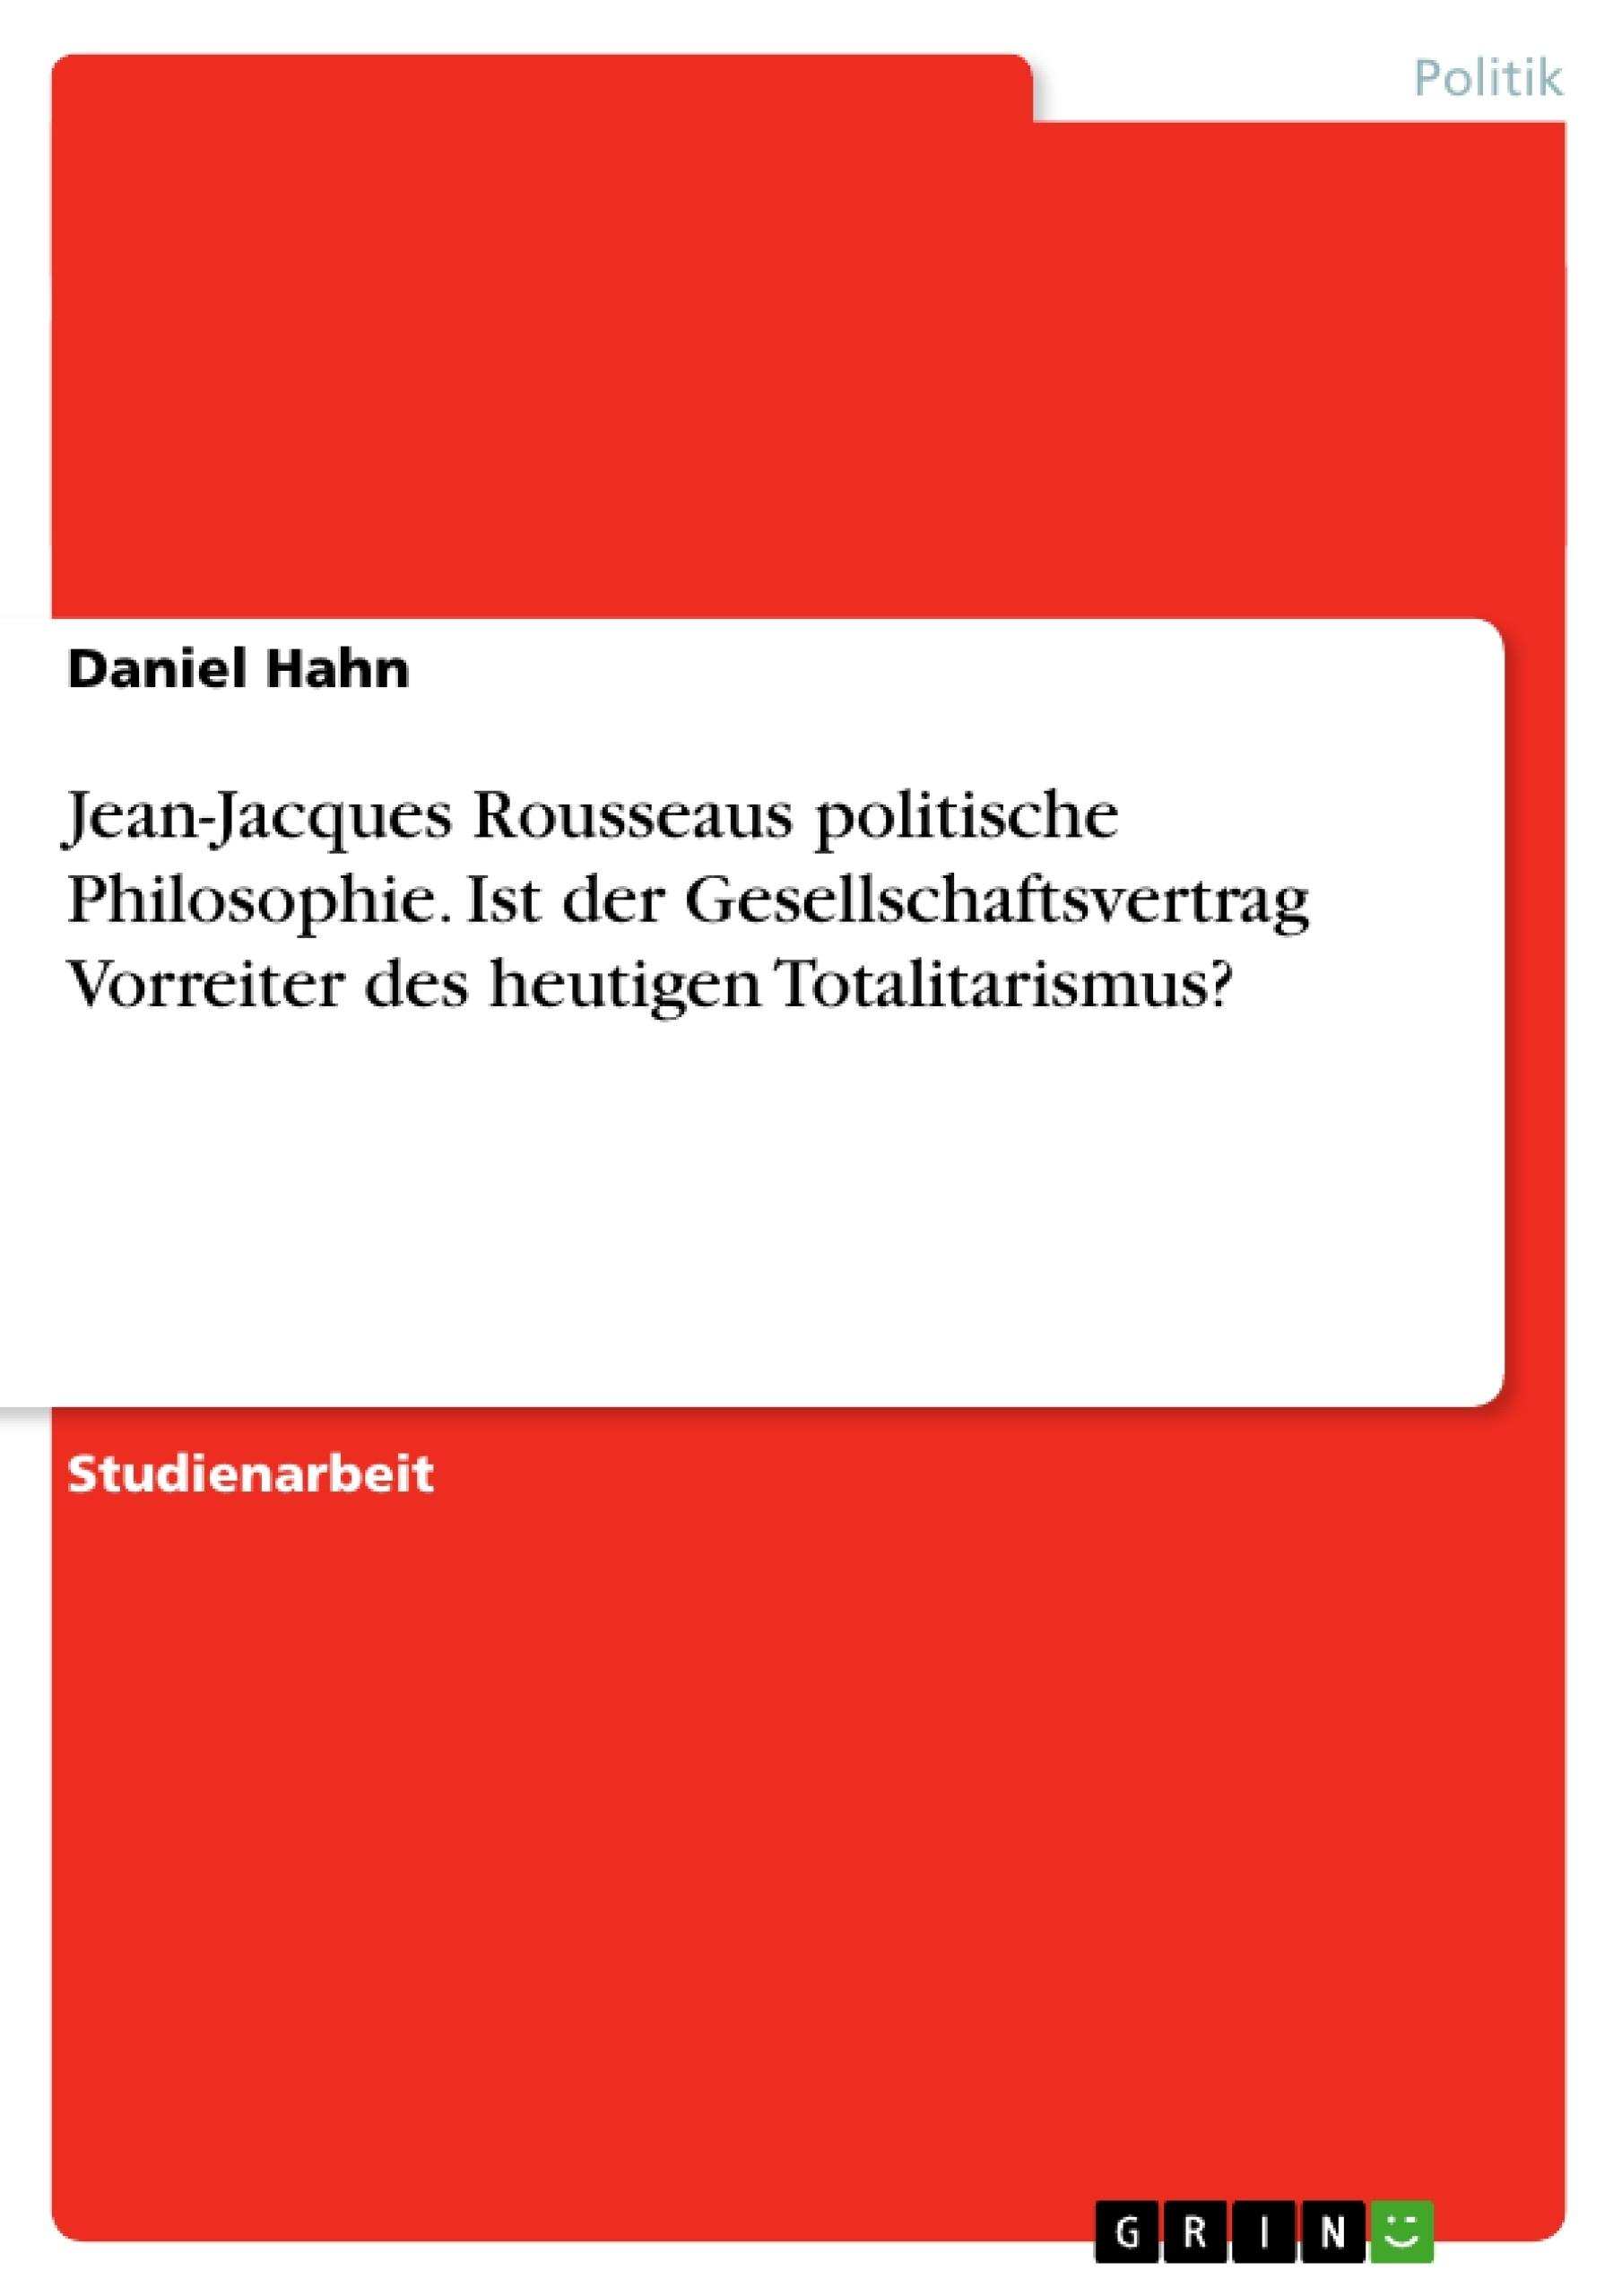 Titel: Jean-Jacques Rousseaus politische Philosophie. Ist der Gesellschaftsvertrag Vorreiter des heutigen Totalitarismus?